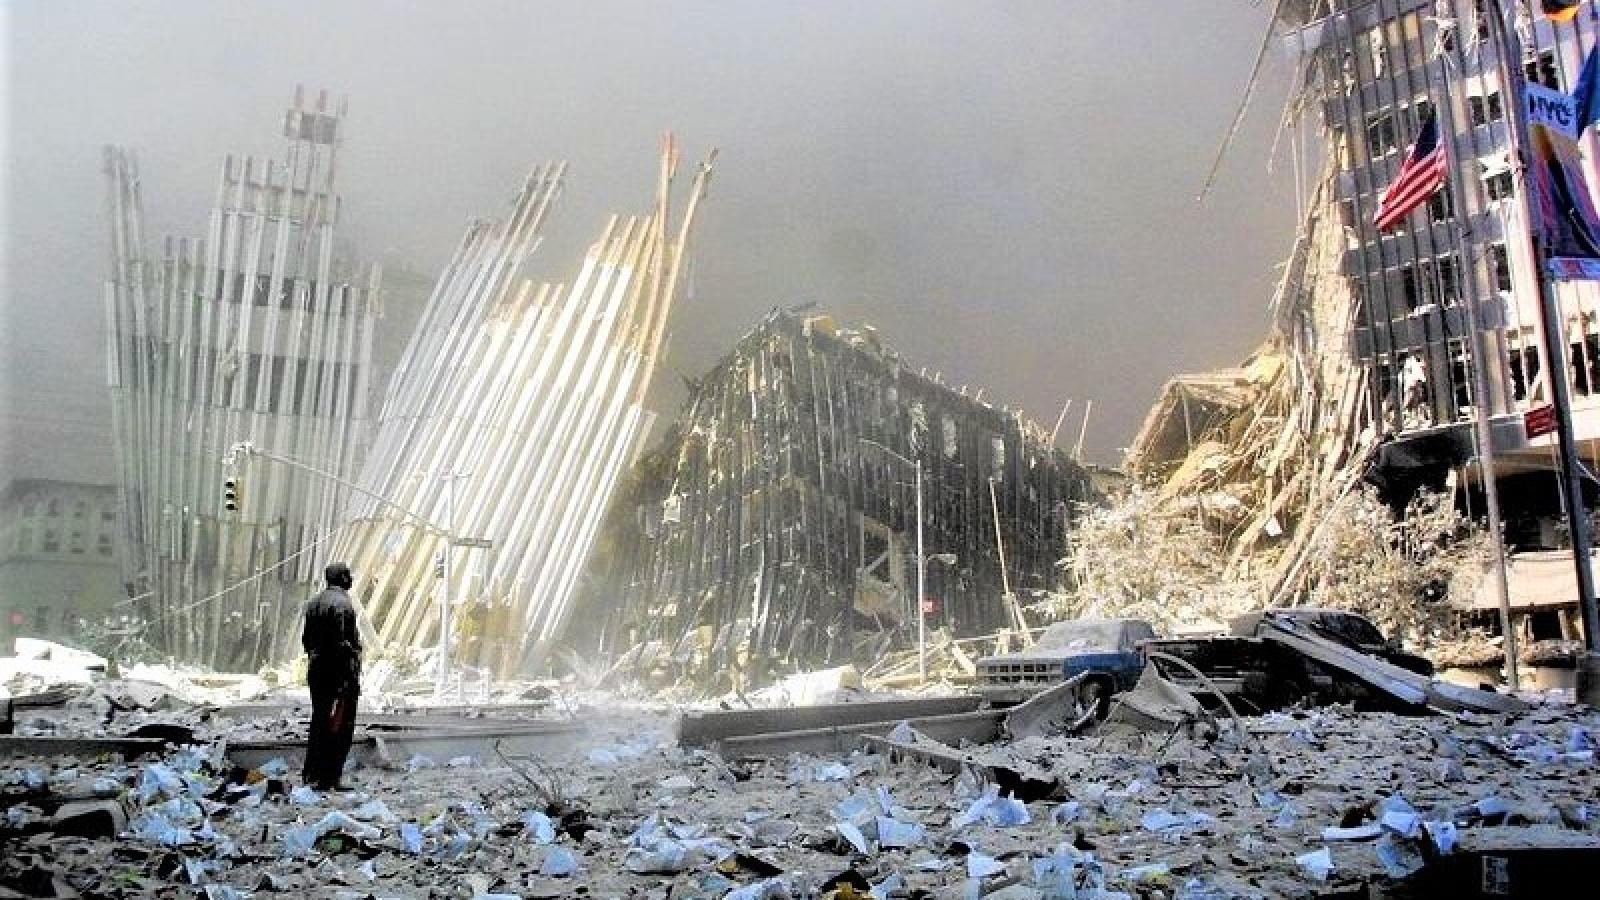 Sự kiện 11/9 đã thay đổi nước Mỹ như thế nào?